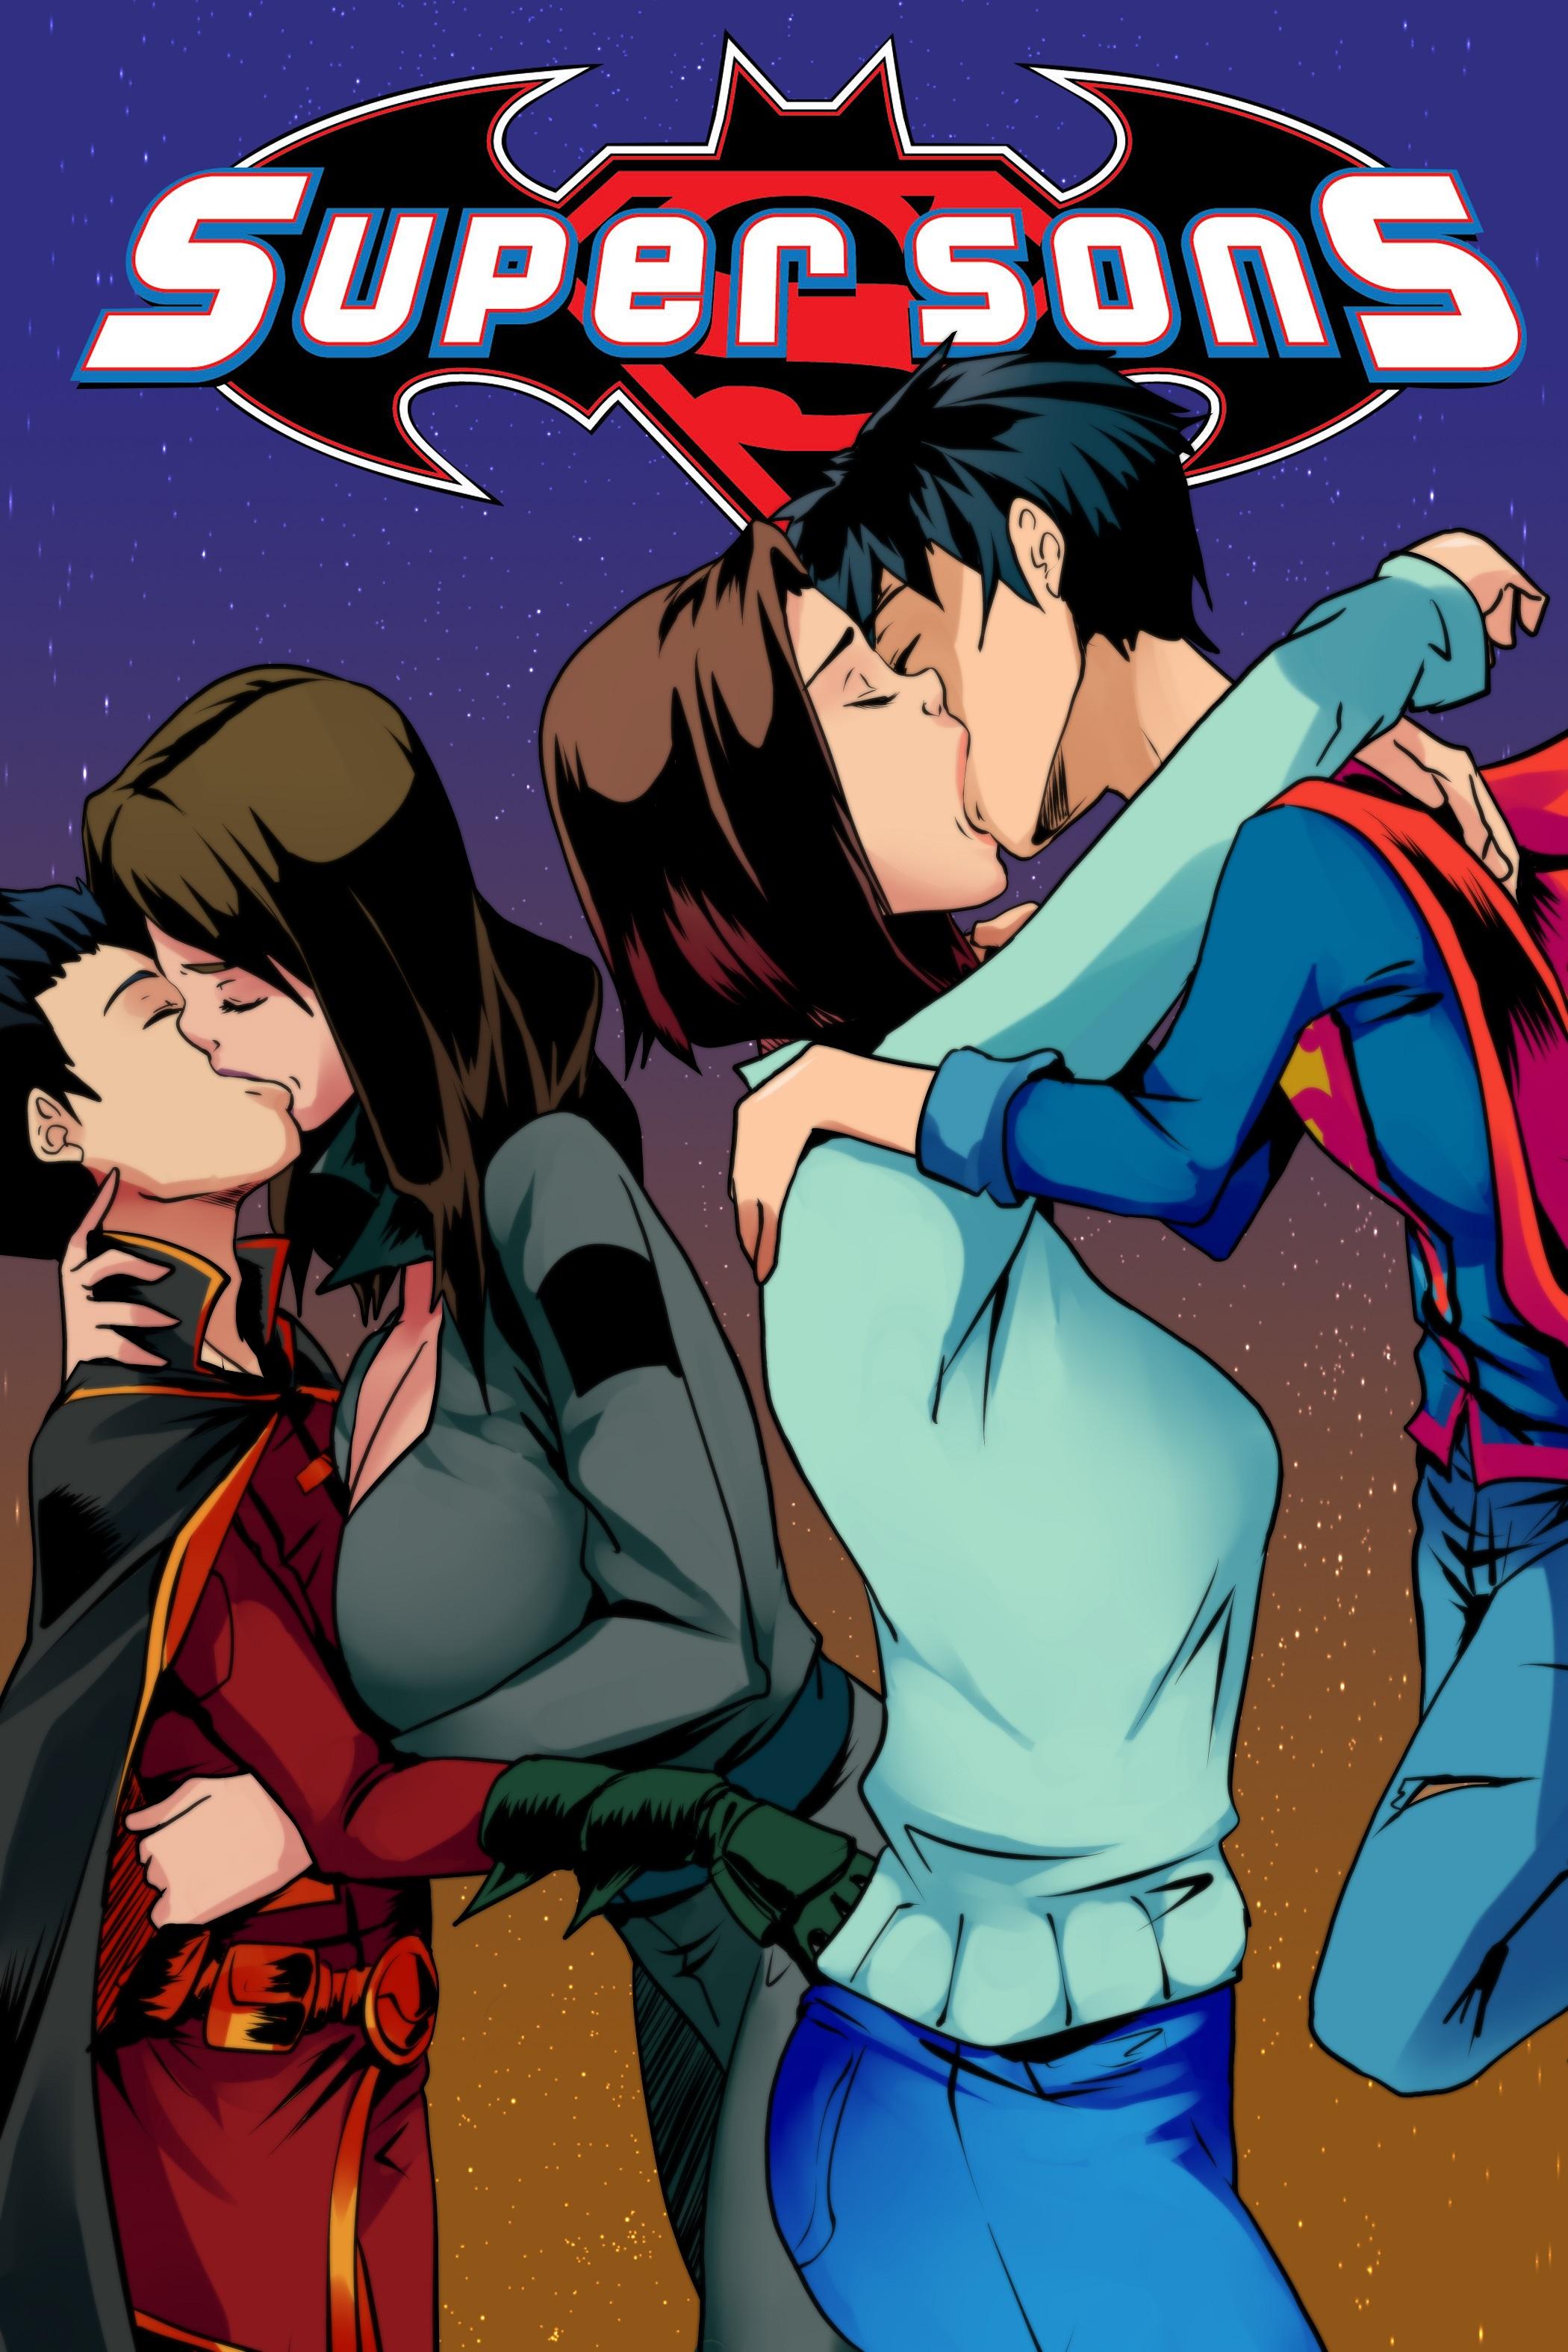 Goodcomix.tk Justice League - [Aya Yanagisawa] - Super Sons ch. 1